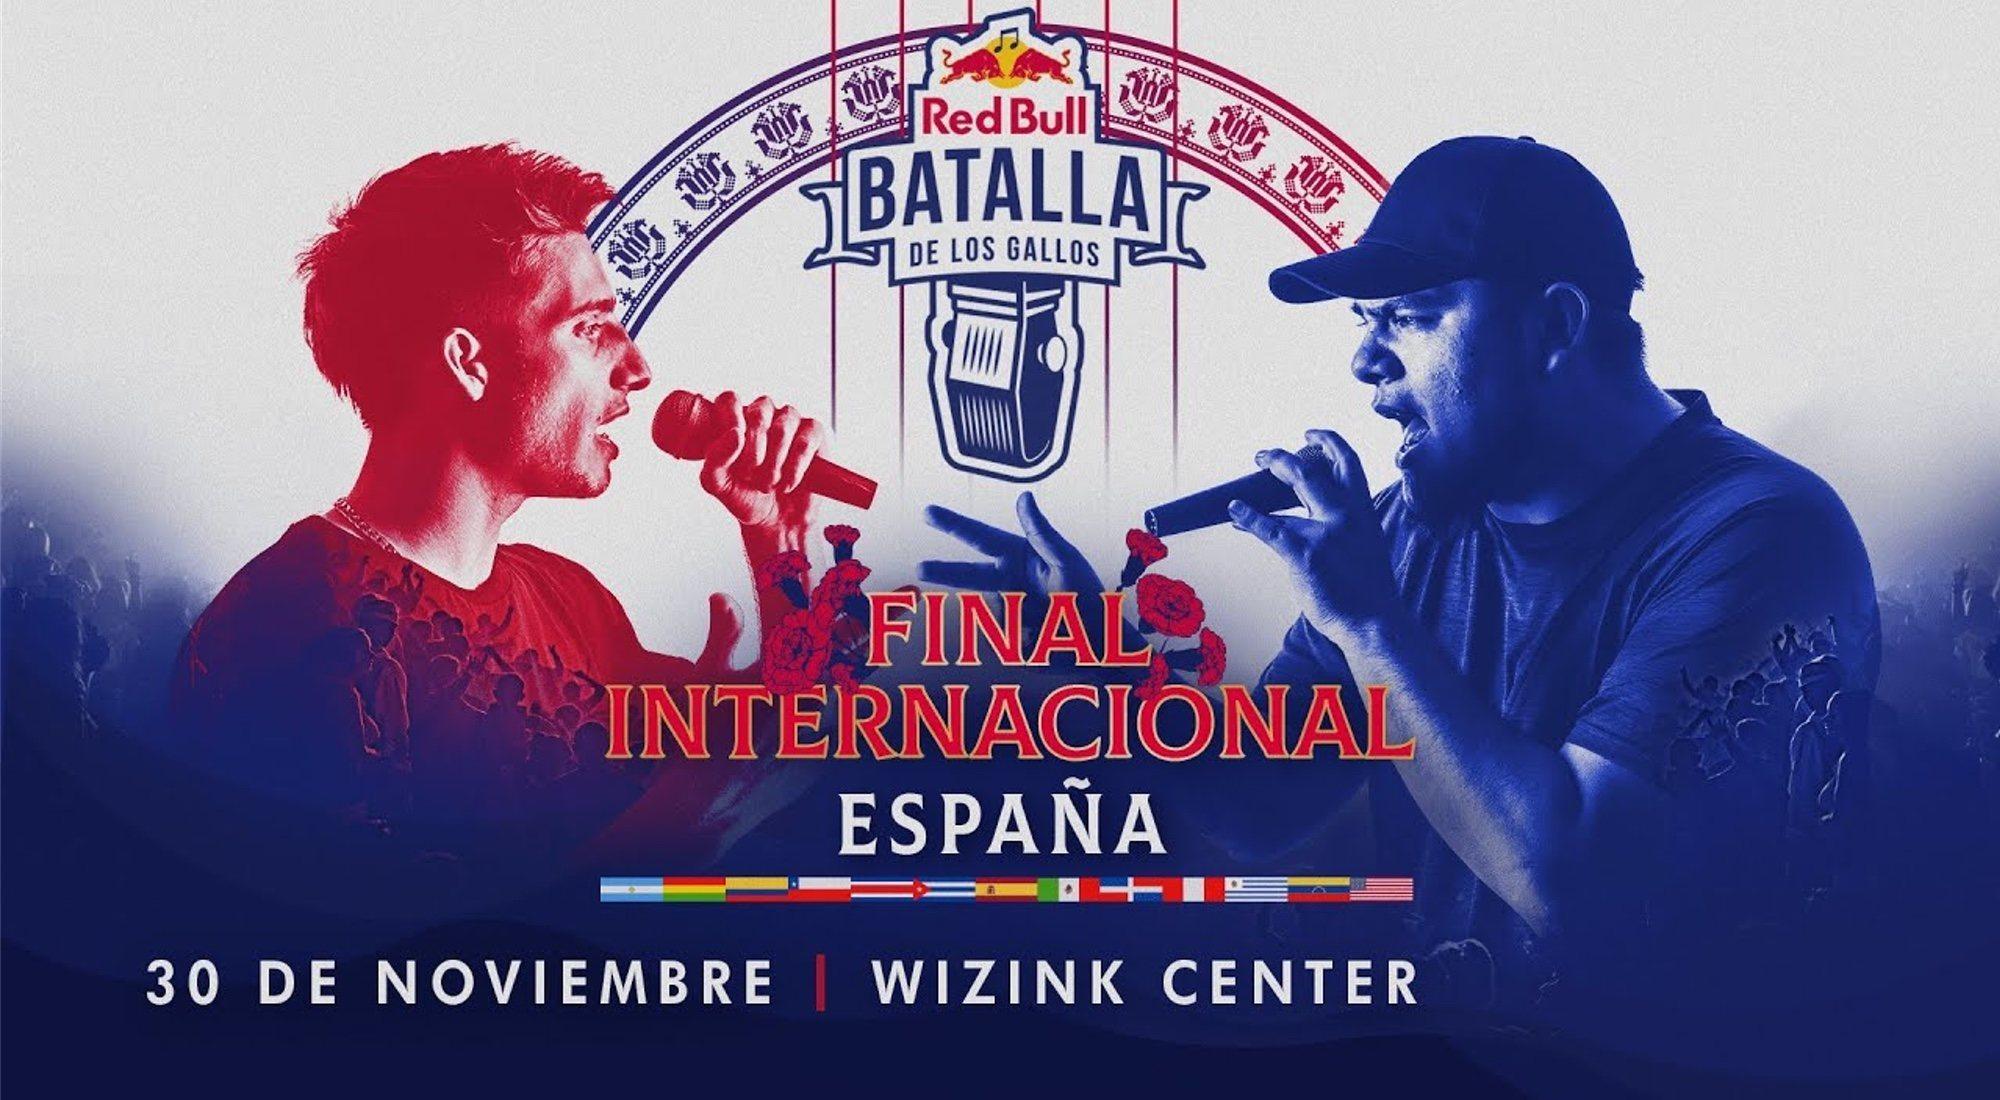 Final Internacional Red Bull Batalla de los Gallos 2019: conoce a los 16 participantes